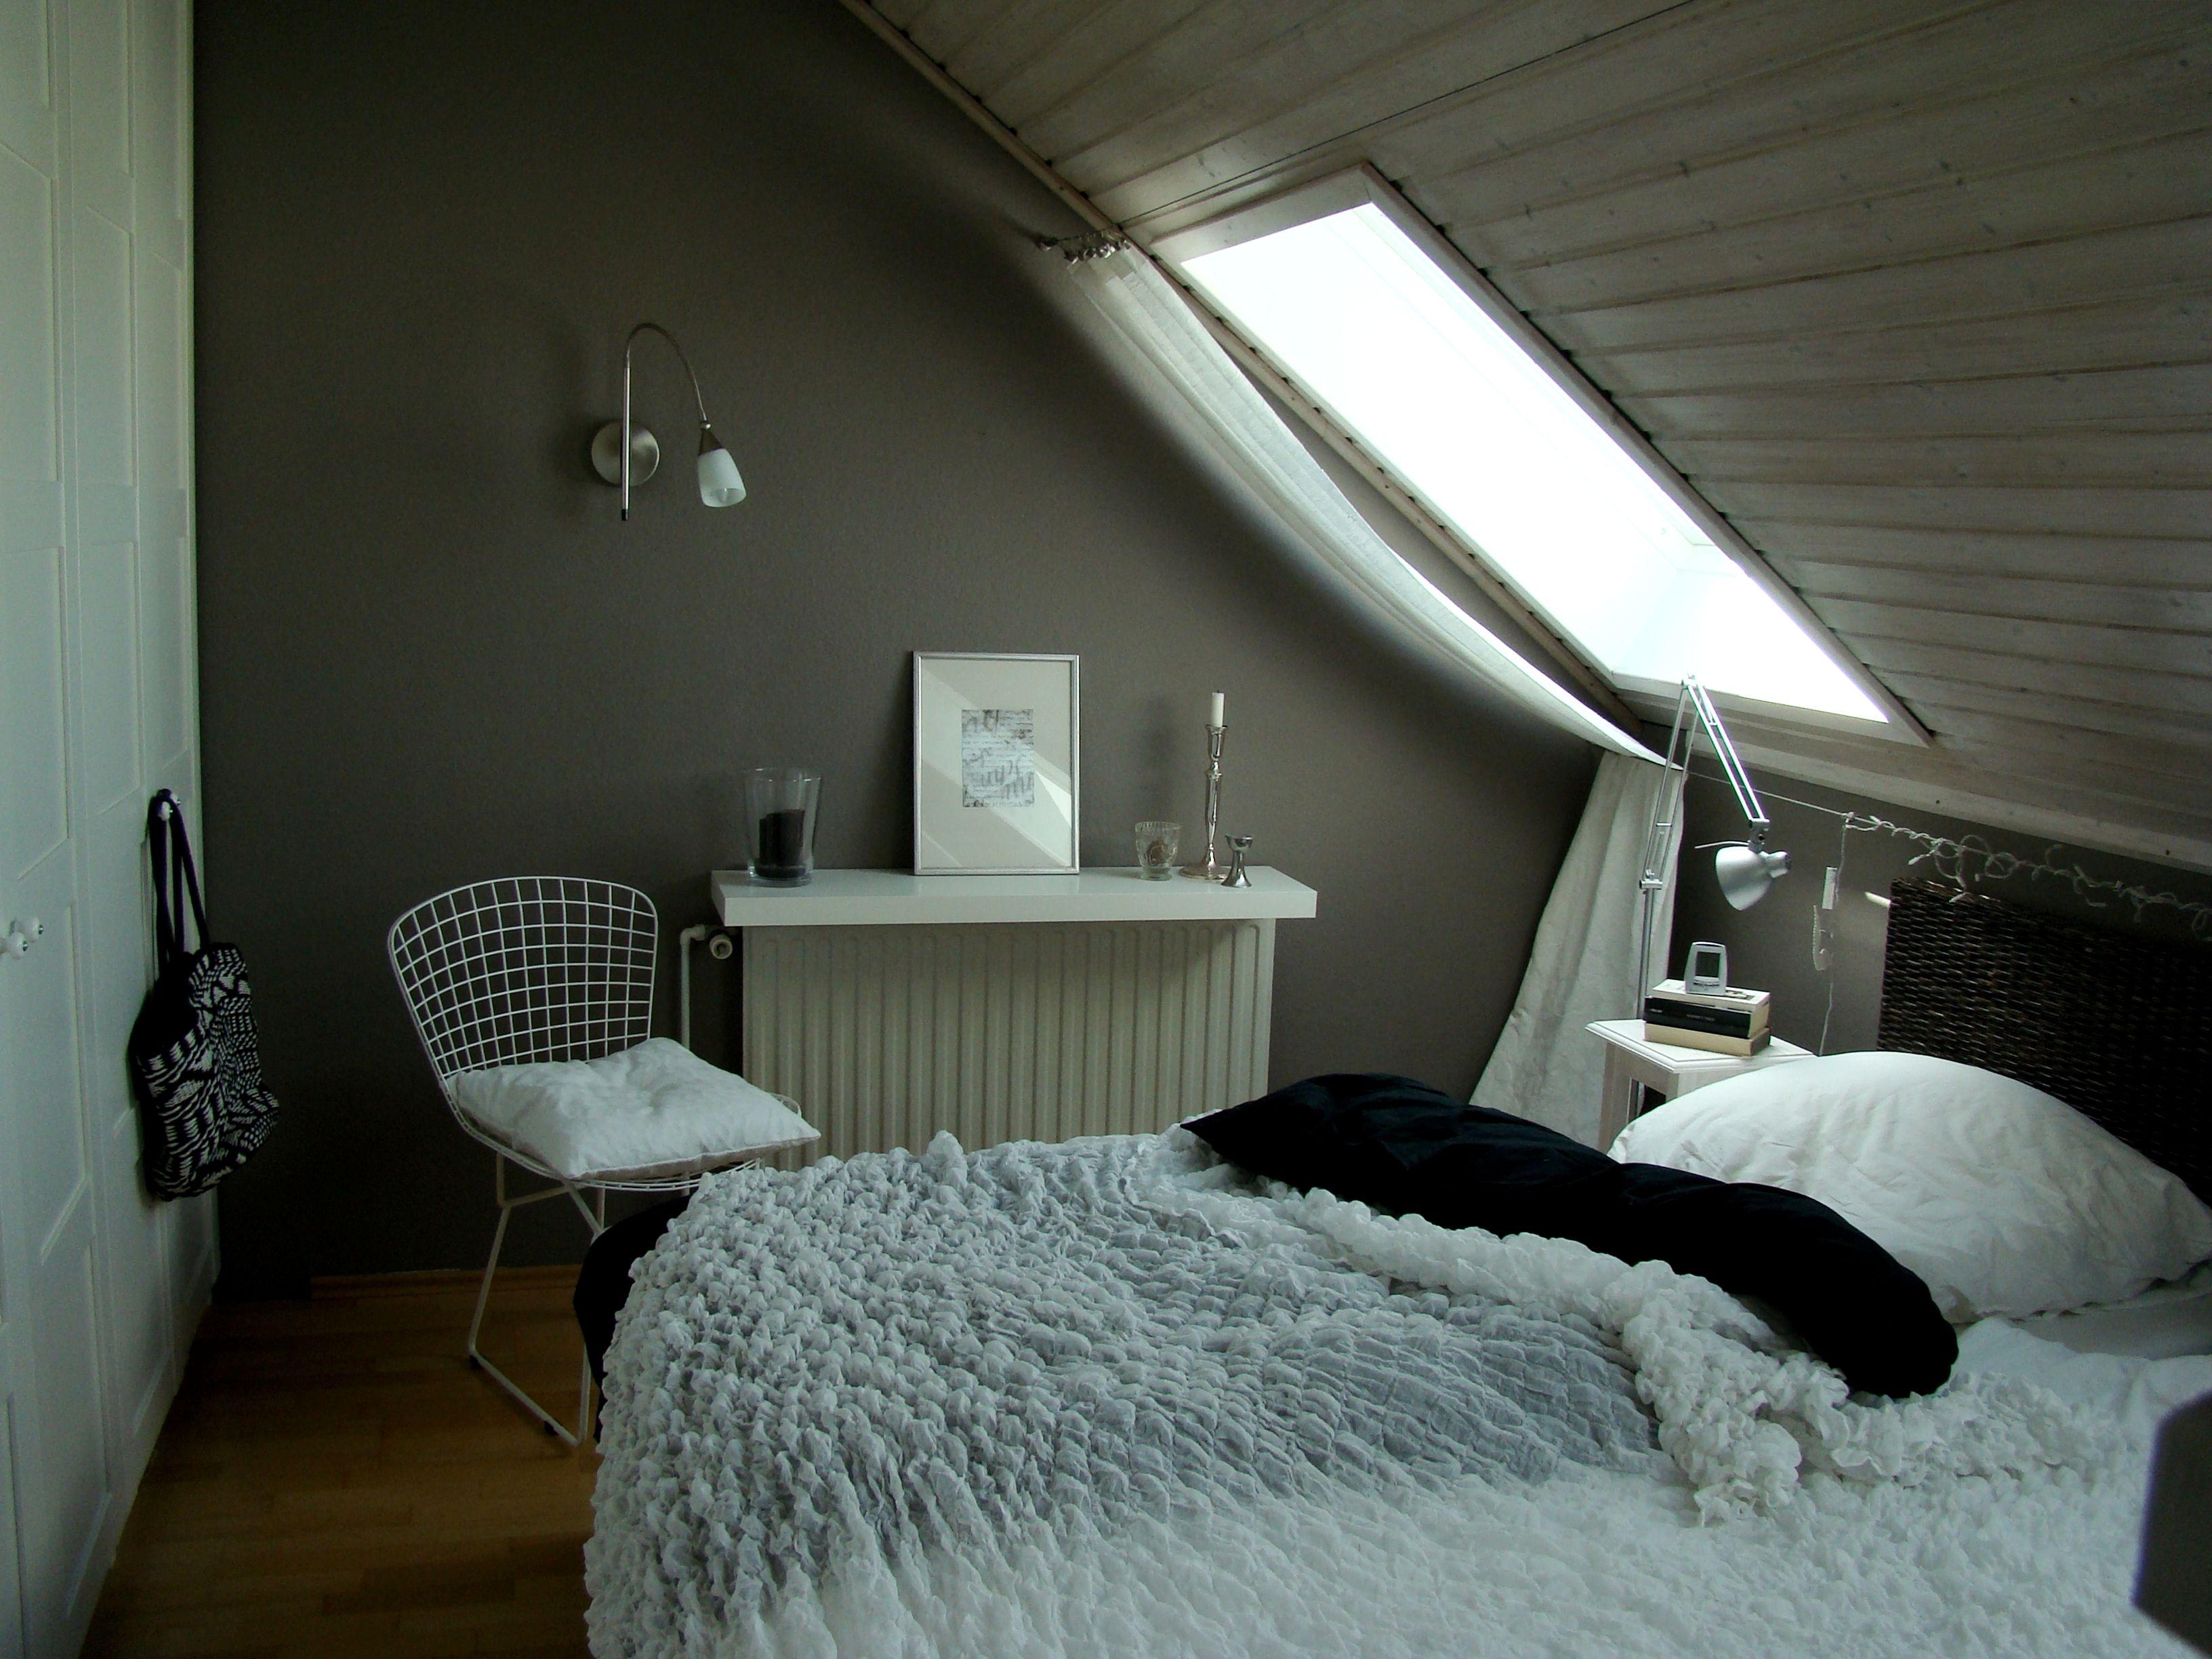 Mein Schlafzimmer   Dachschräge einrichten, Schlafzimmer dachschräge, Zimmer mit dachschräge ...